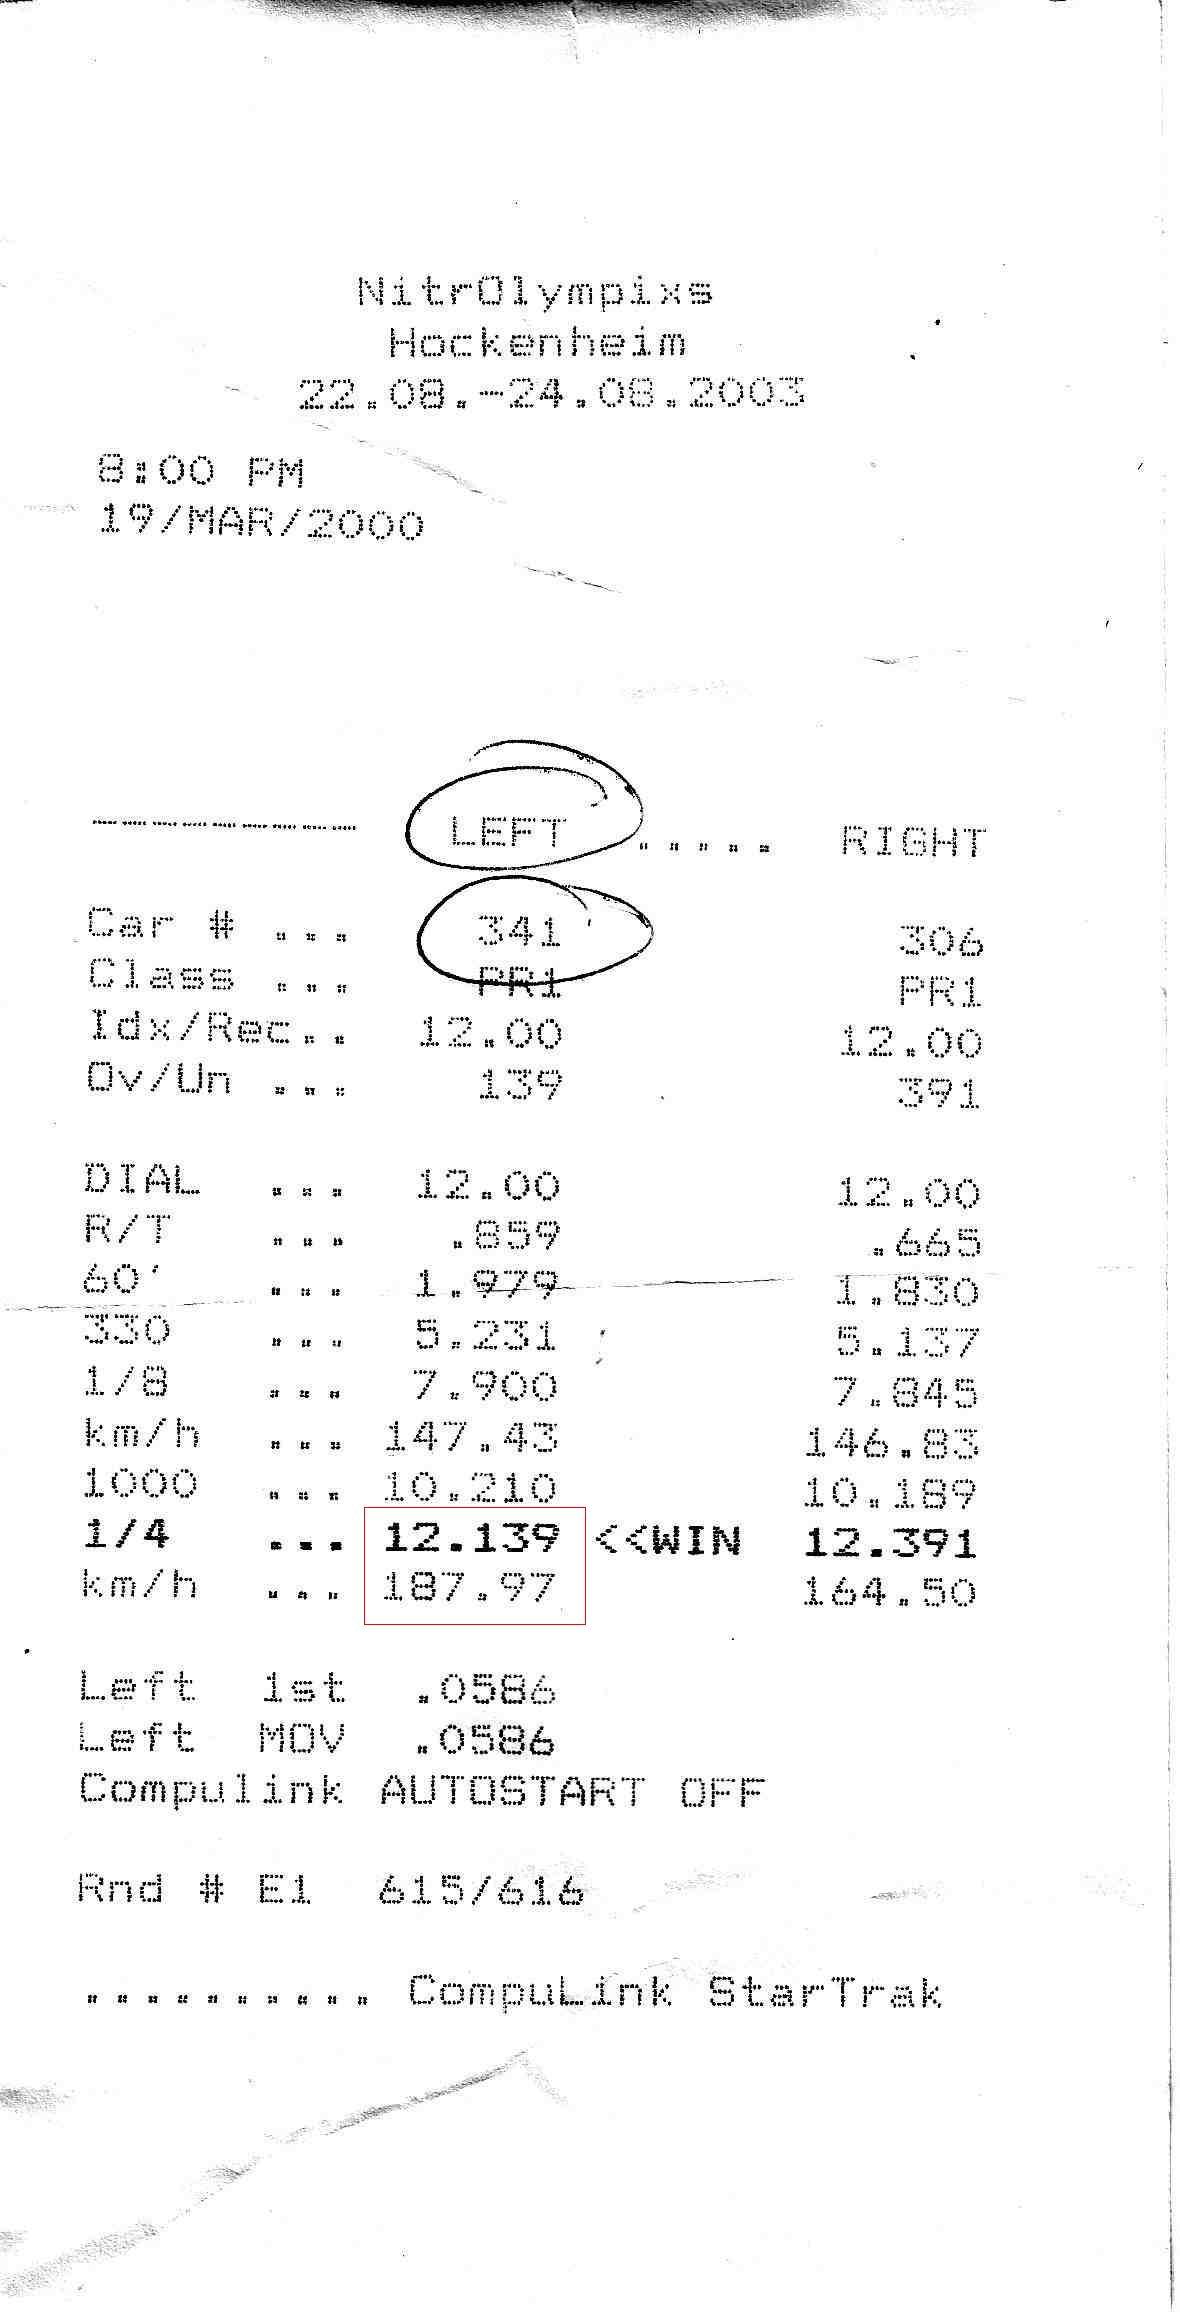 Porsche 944 Timeslip Scan